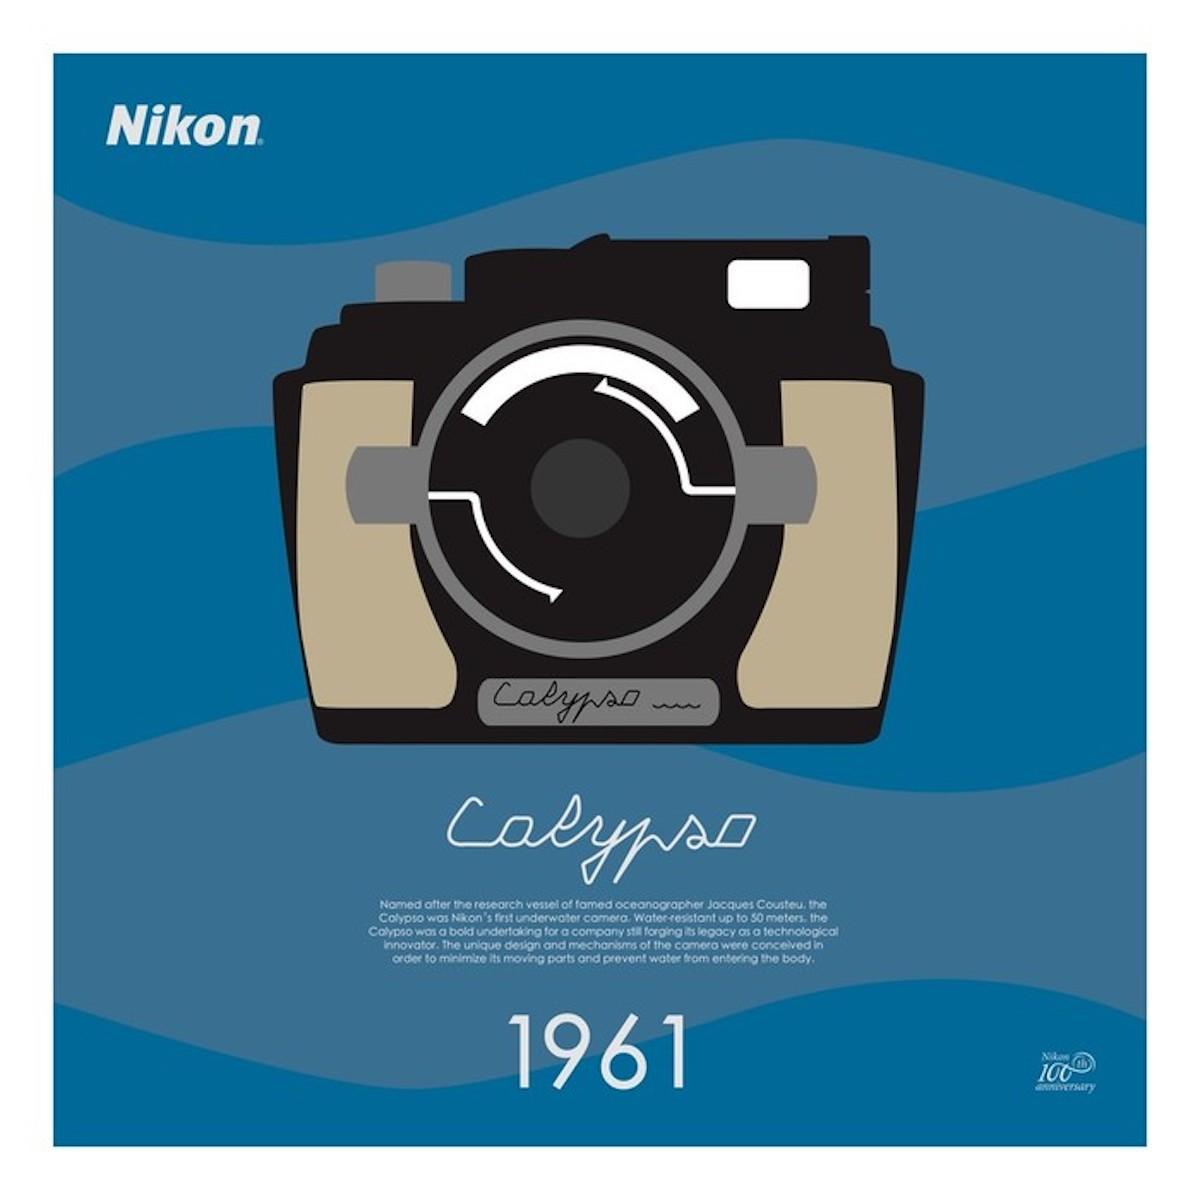 Calypso phot 1961  - celebrazione della Nikon